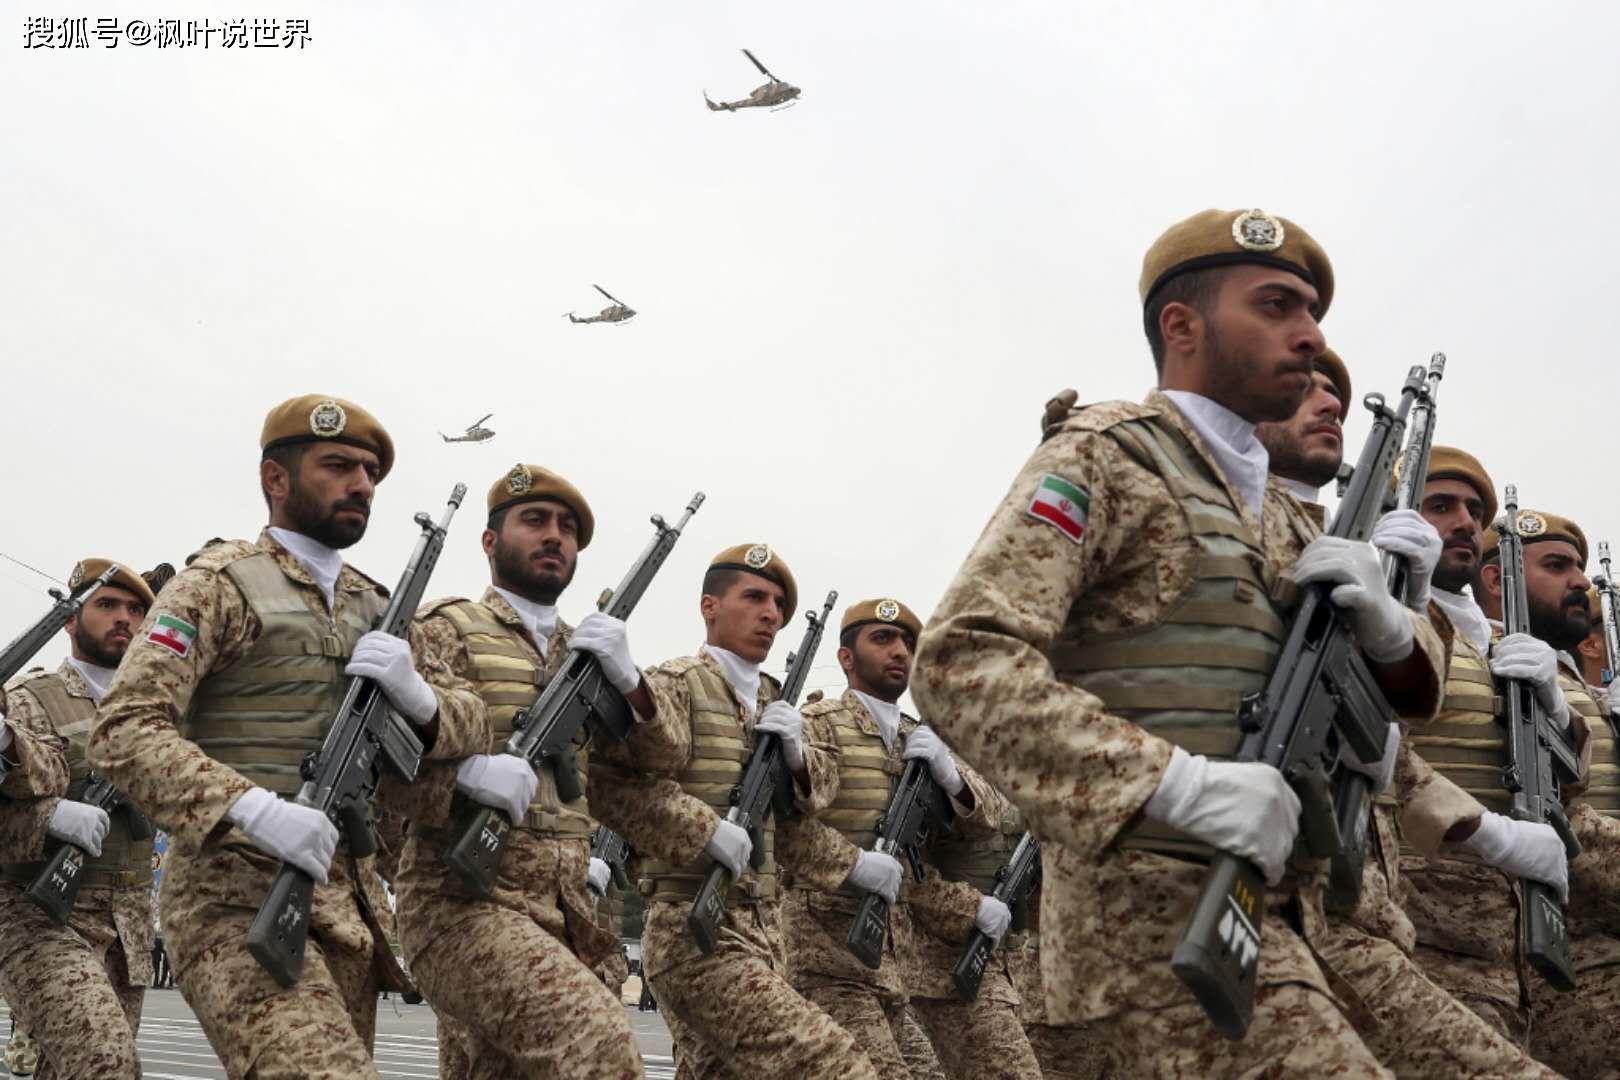 海灣局勢一觸即發,處于守勢的伊朗有沒有可能先發制人_戰爭